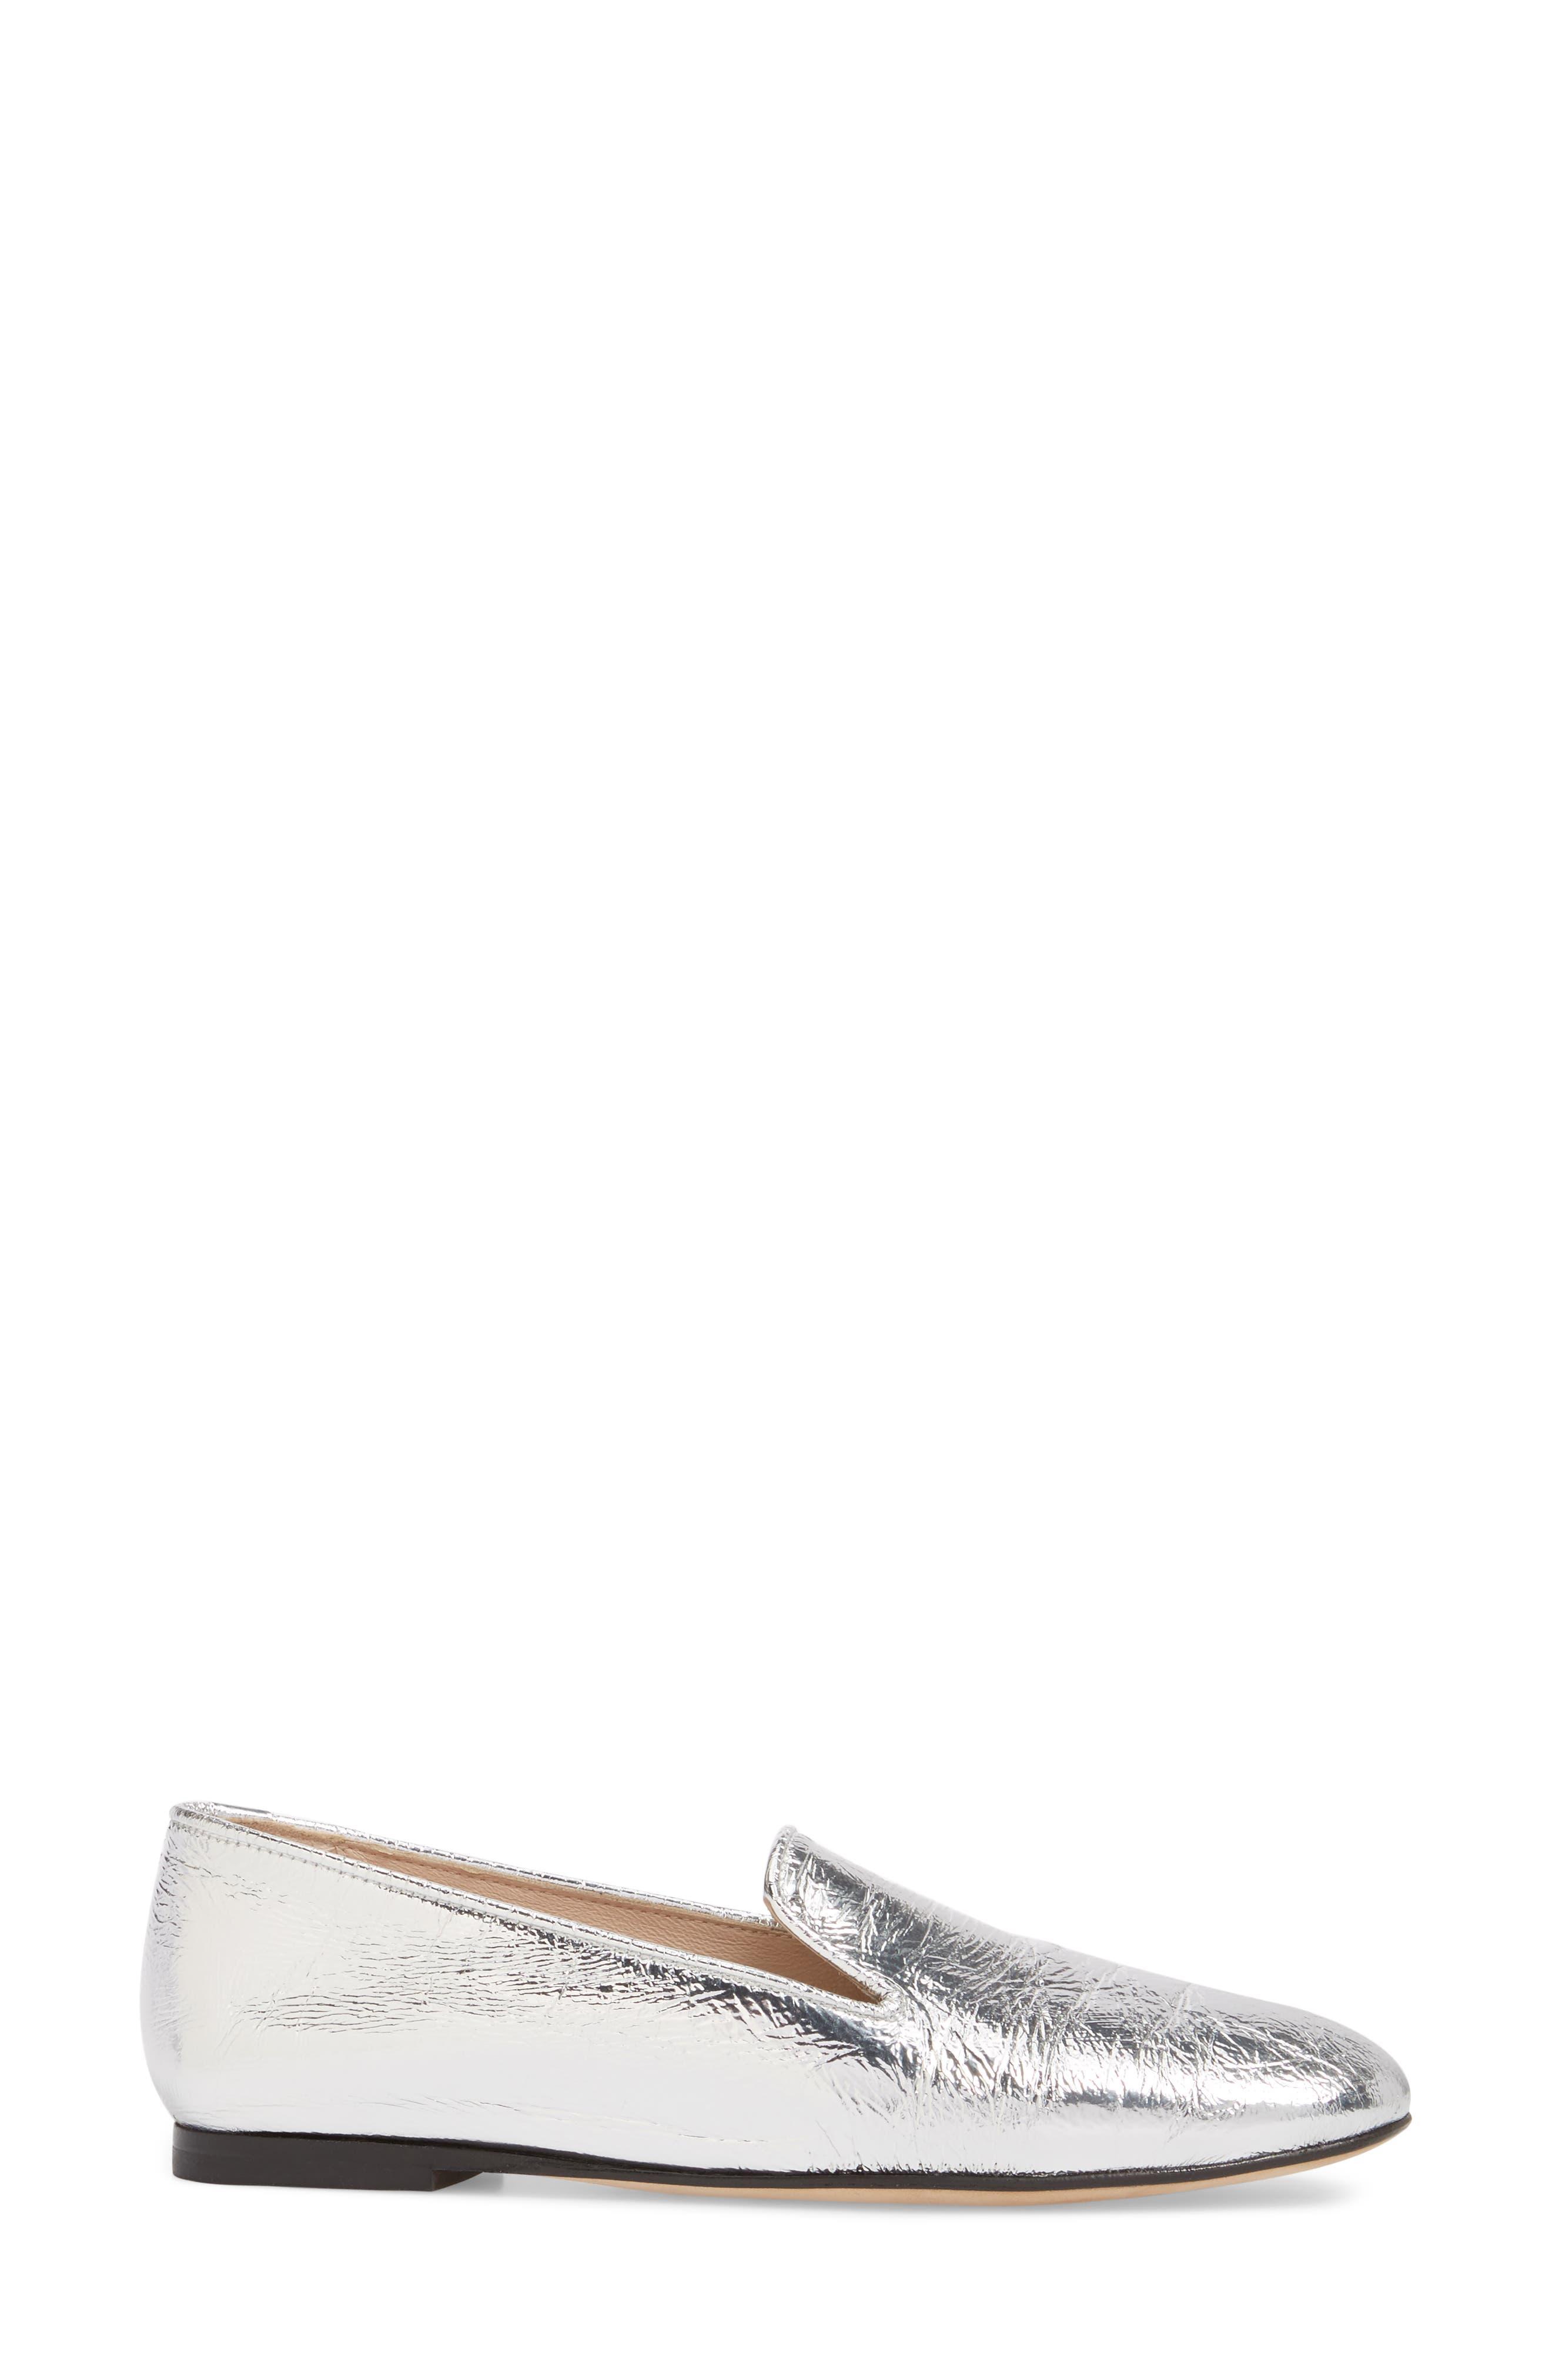 Myguy Venetian Loafer,                             Alternate thumbnail 14, color,